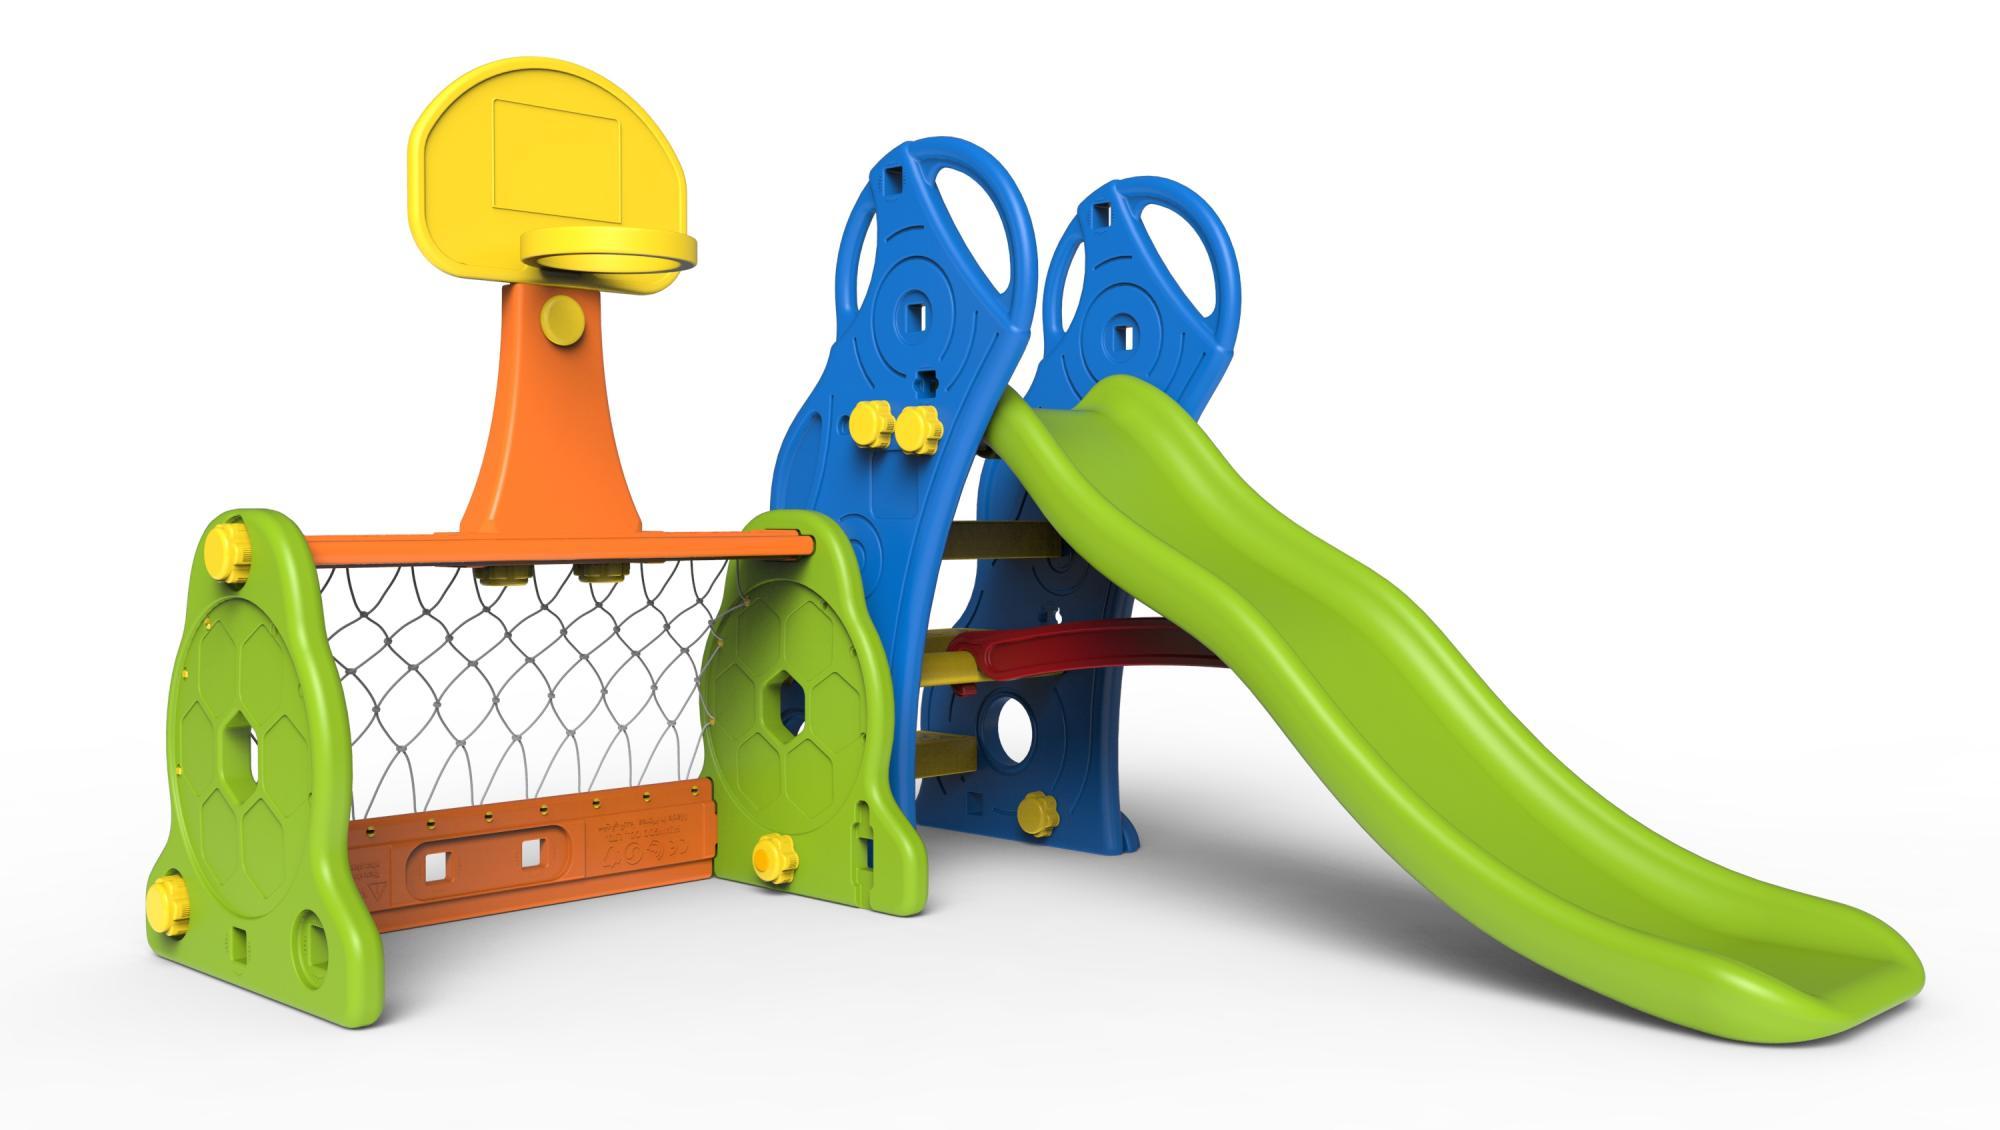 Купить Игровой комплекс - Маленький спортсмен, с горкой, кольцом и воротами, Toy Monarch